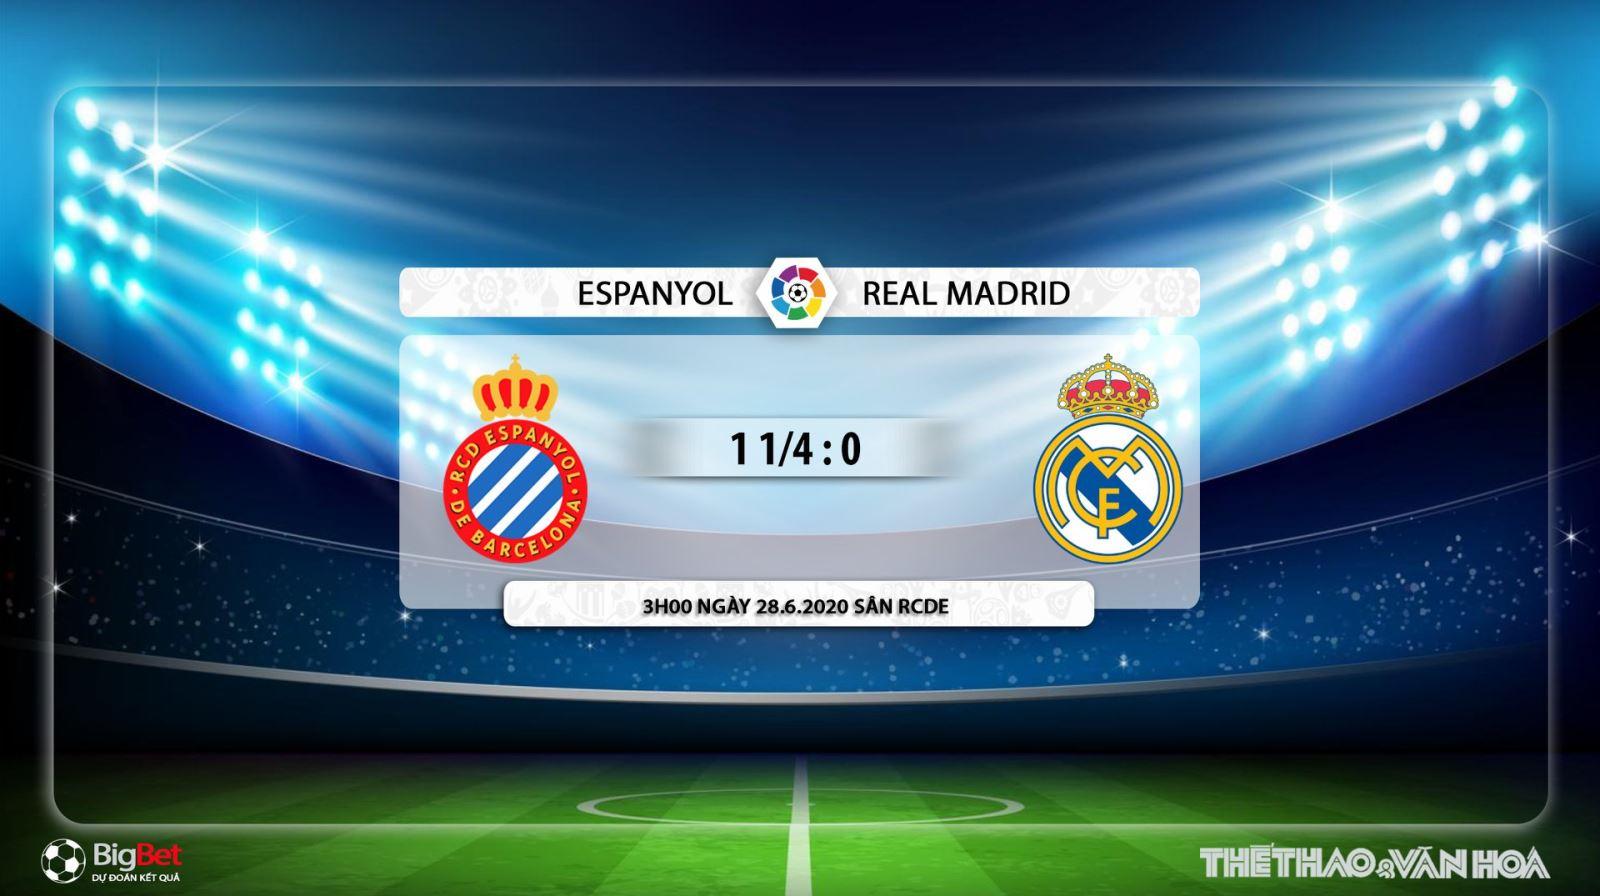 Espanyol vs Real Madrid, Real Madrid, Espanyol, trực tiếp bóng đá, soi kèo, kèo bóng đá, lịch thi đấu bóng đá, La Liga